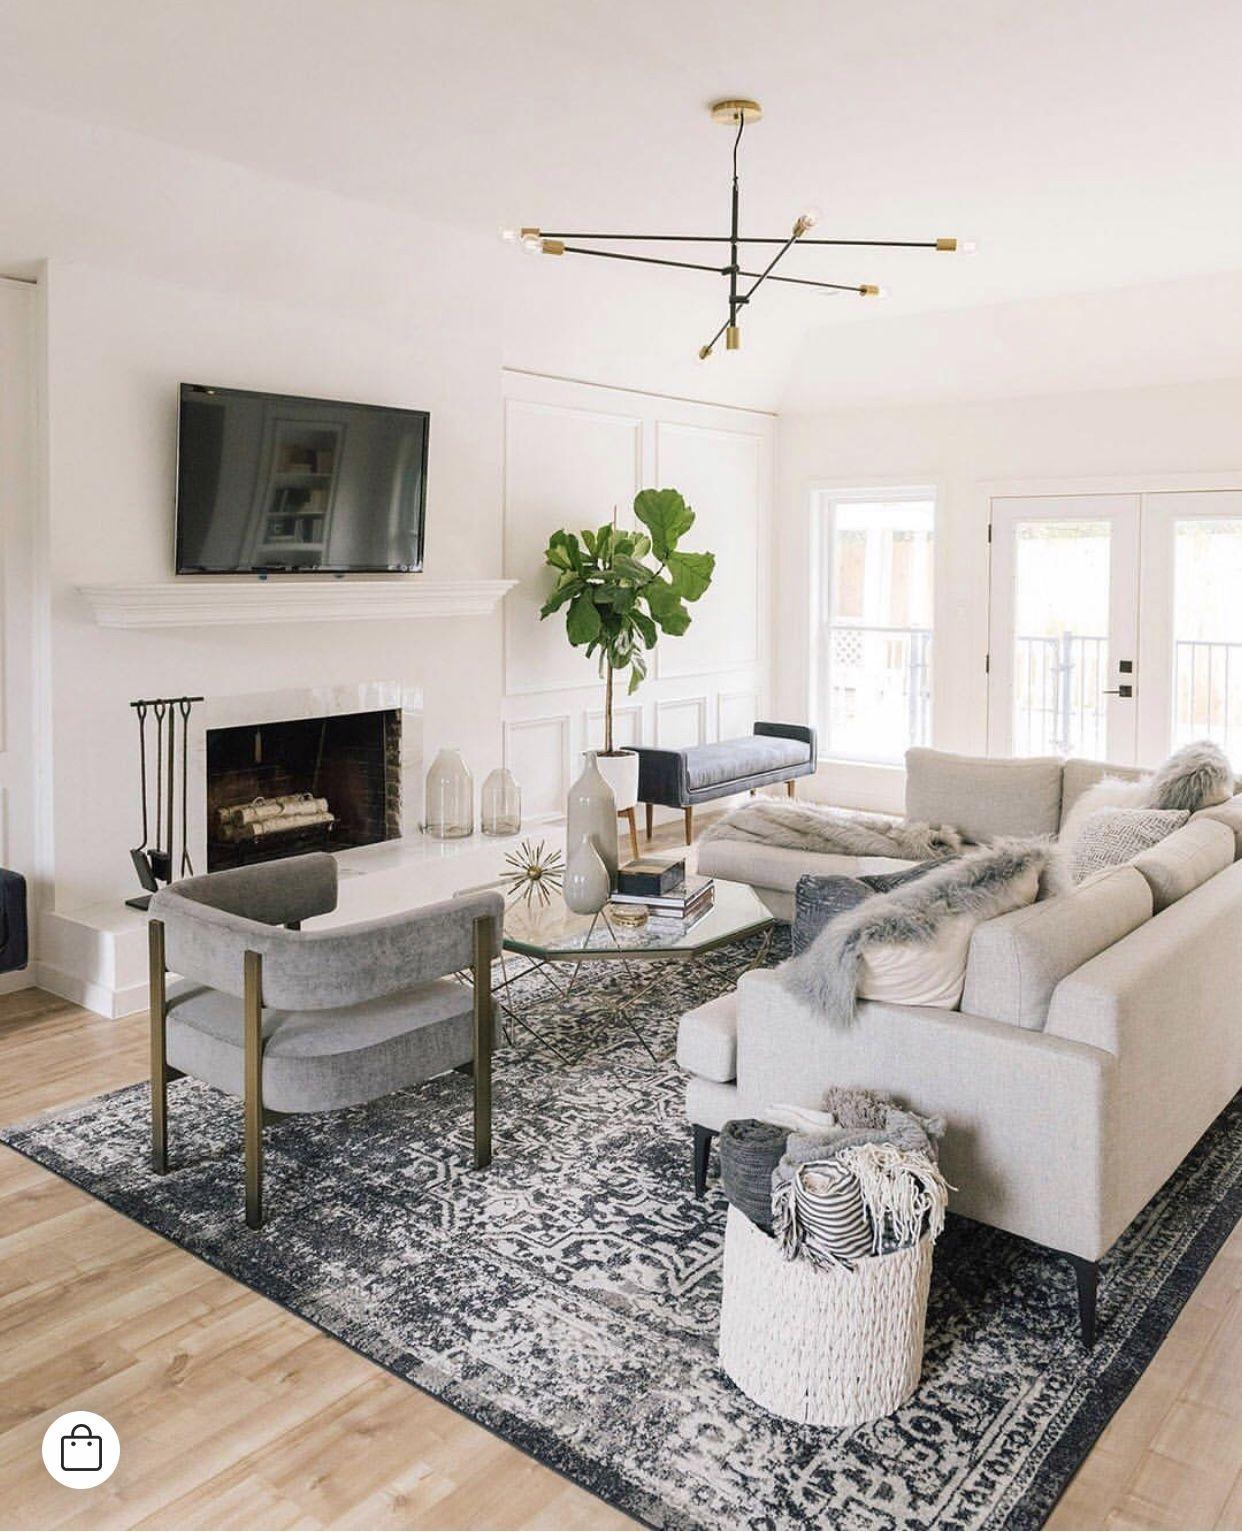 West Elm Sectional Sofa Interior Design Living Room Warm Living